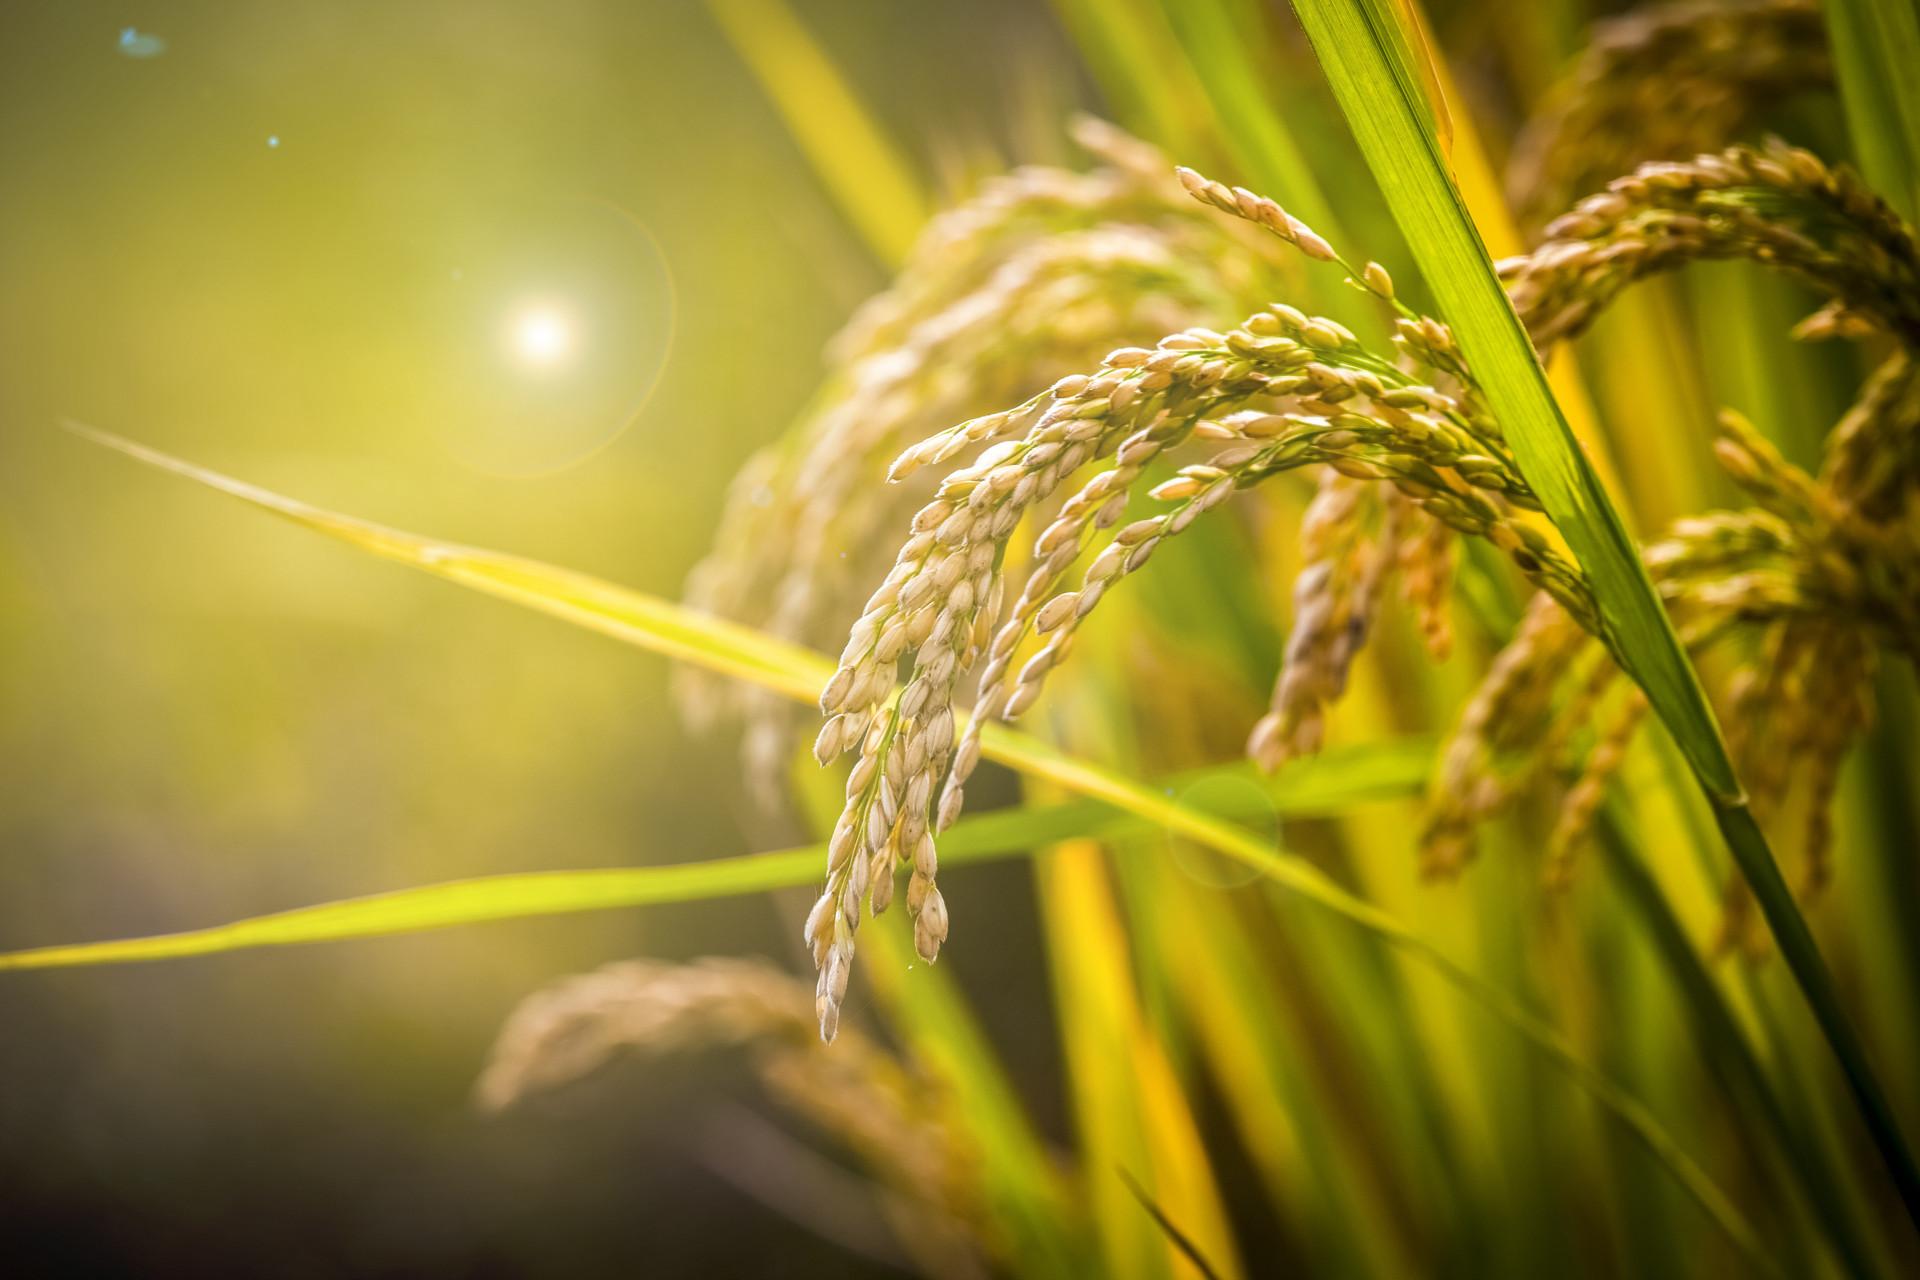 GDP迈上2万亿台阶的苏州,如何解码农业发展?